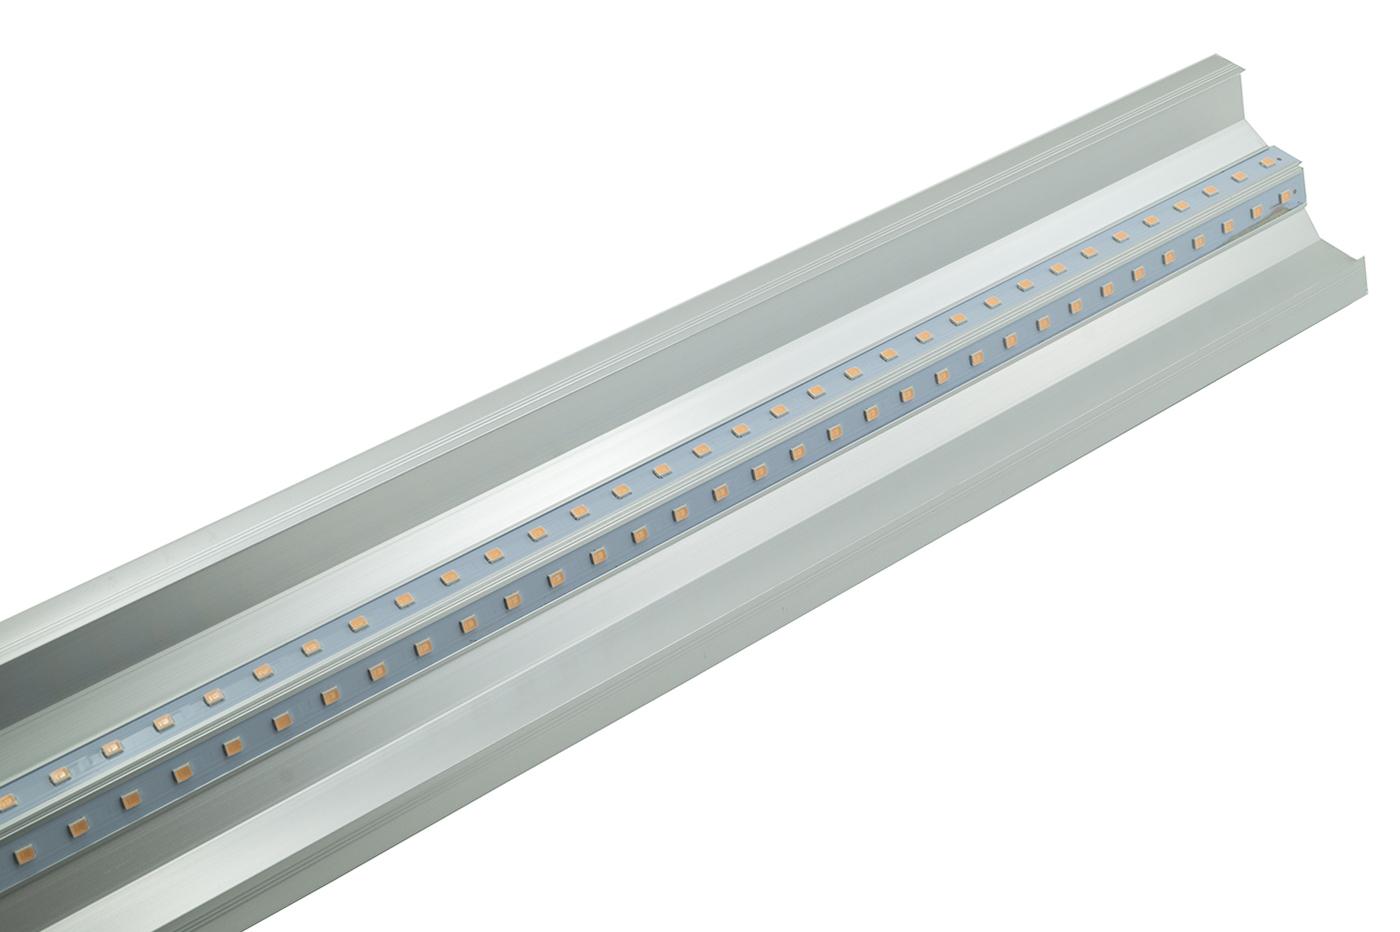 Plafoniera Tubi Led 120 Cm : Bes plafoniere kodak beselettronica plafoniera